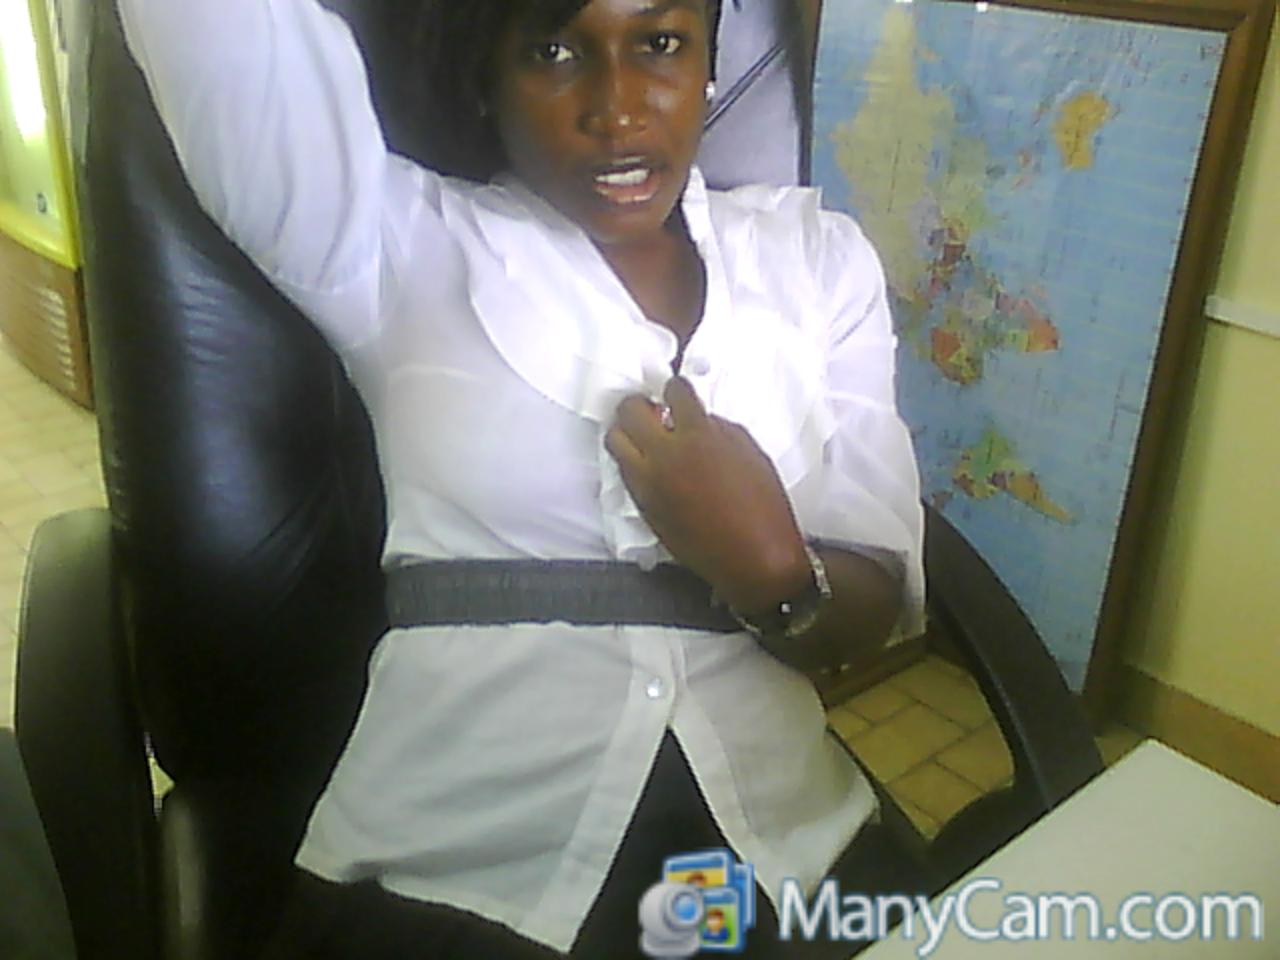 Adwoaboatemaa ayirebi